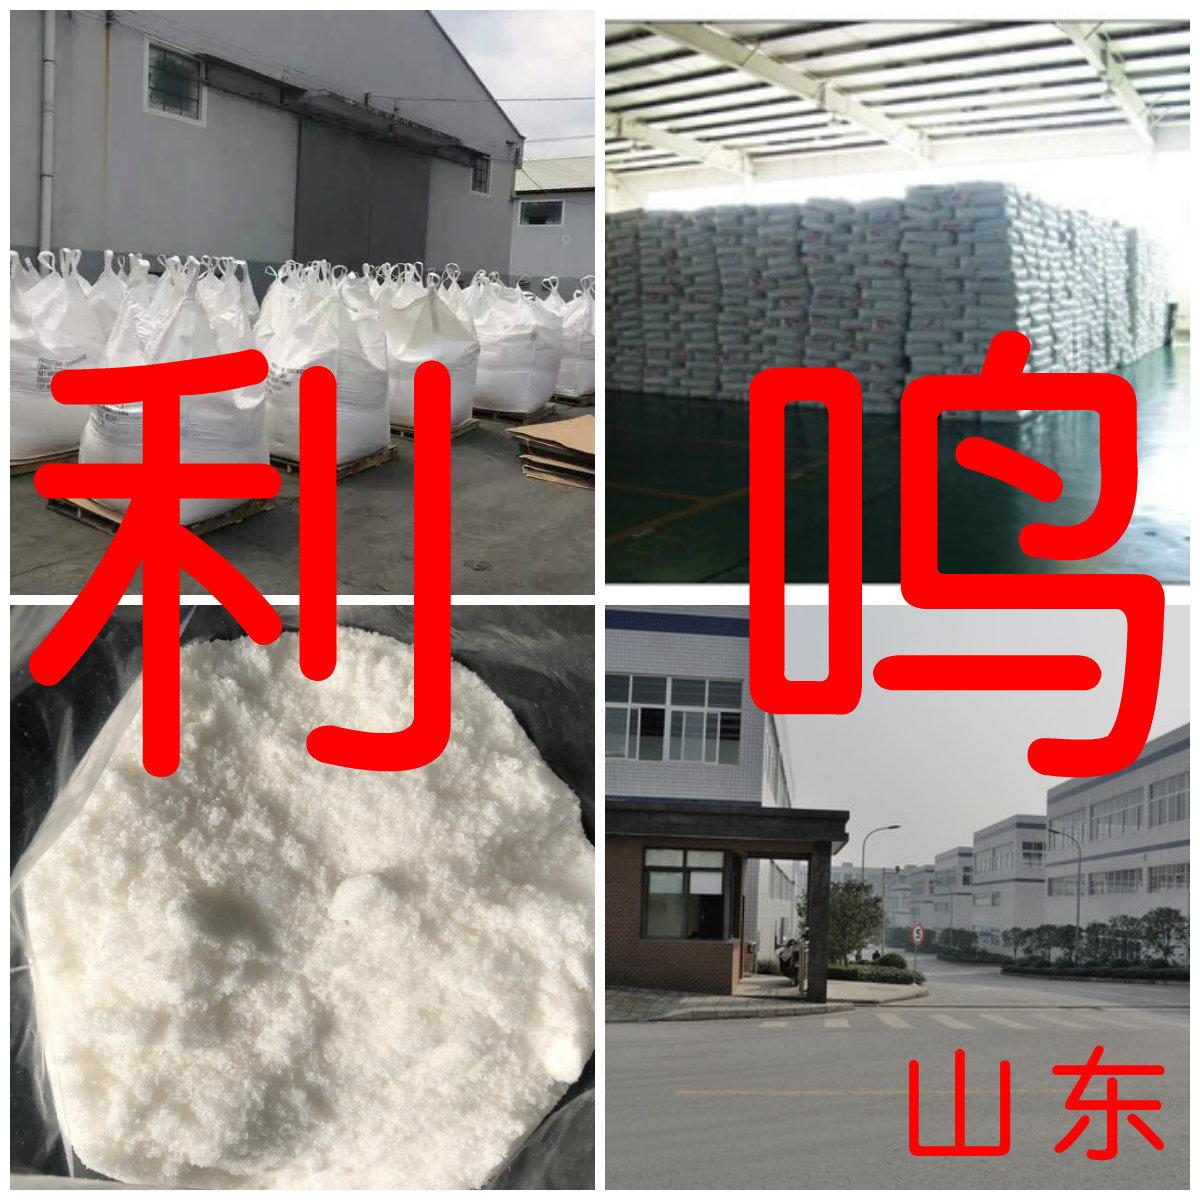 硫氢化钠 工厂直销 发货及时 量大从优 基地直供 淄博工厂 山东